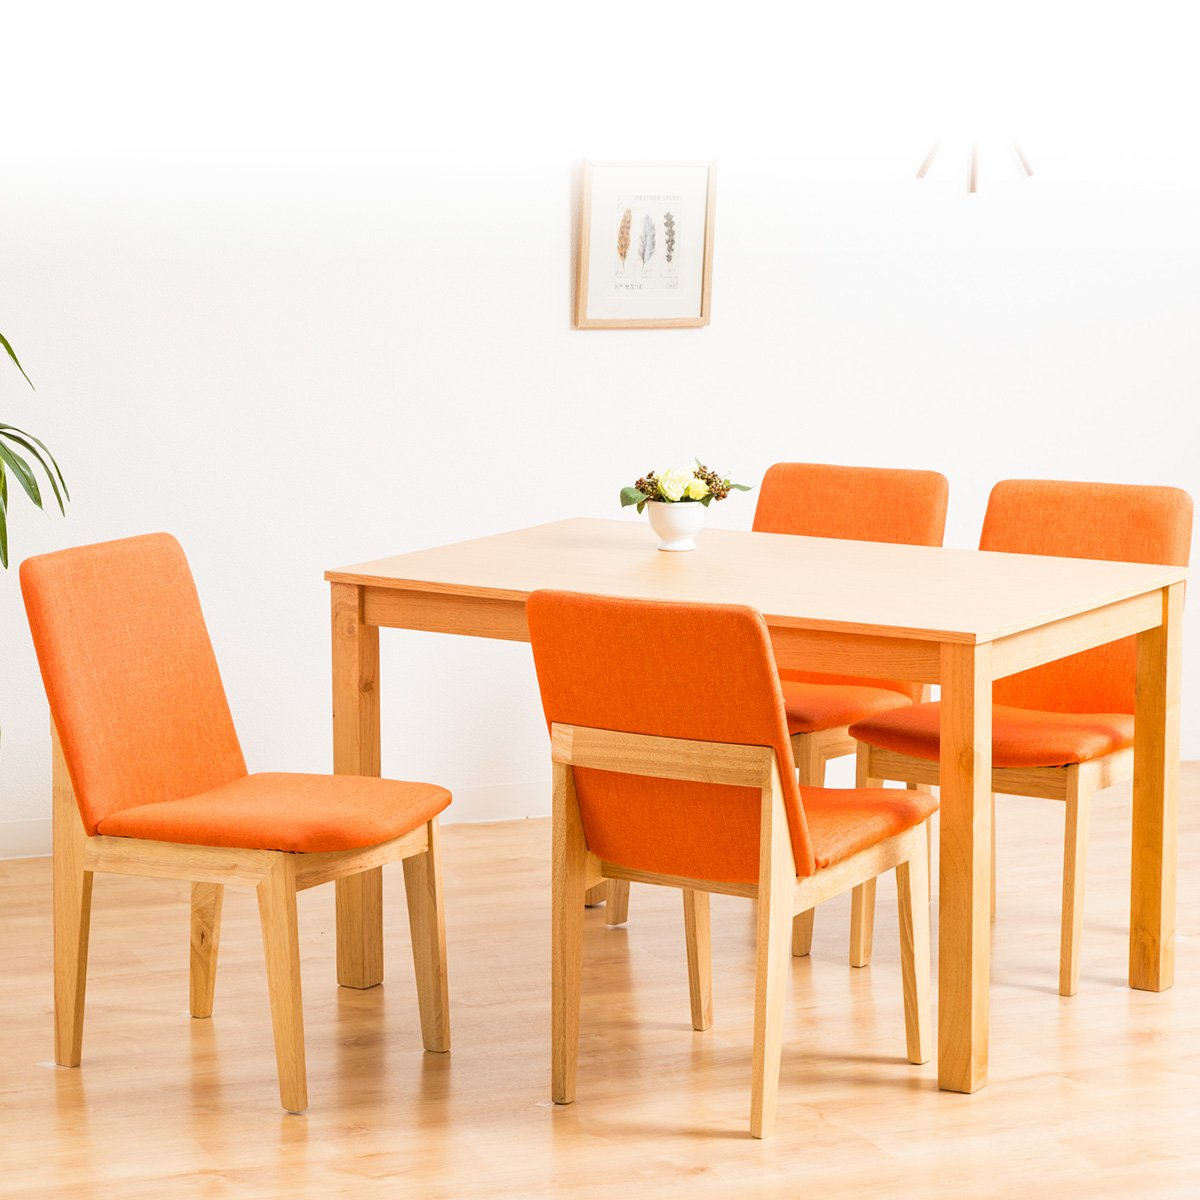 【ダイニングセット 4人用】北欧スタイル 4人用ダイニングテーブルセット 天然突板テーブル 優しい風合いのファブリックダイニングチェア クッション性 すべり止め付き おしゃれ 張り地:ブラウン 色:ナチュラル B07688BWPM  オレンジ×ナチュラル